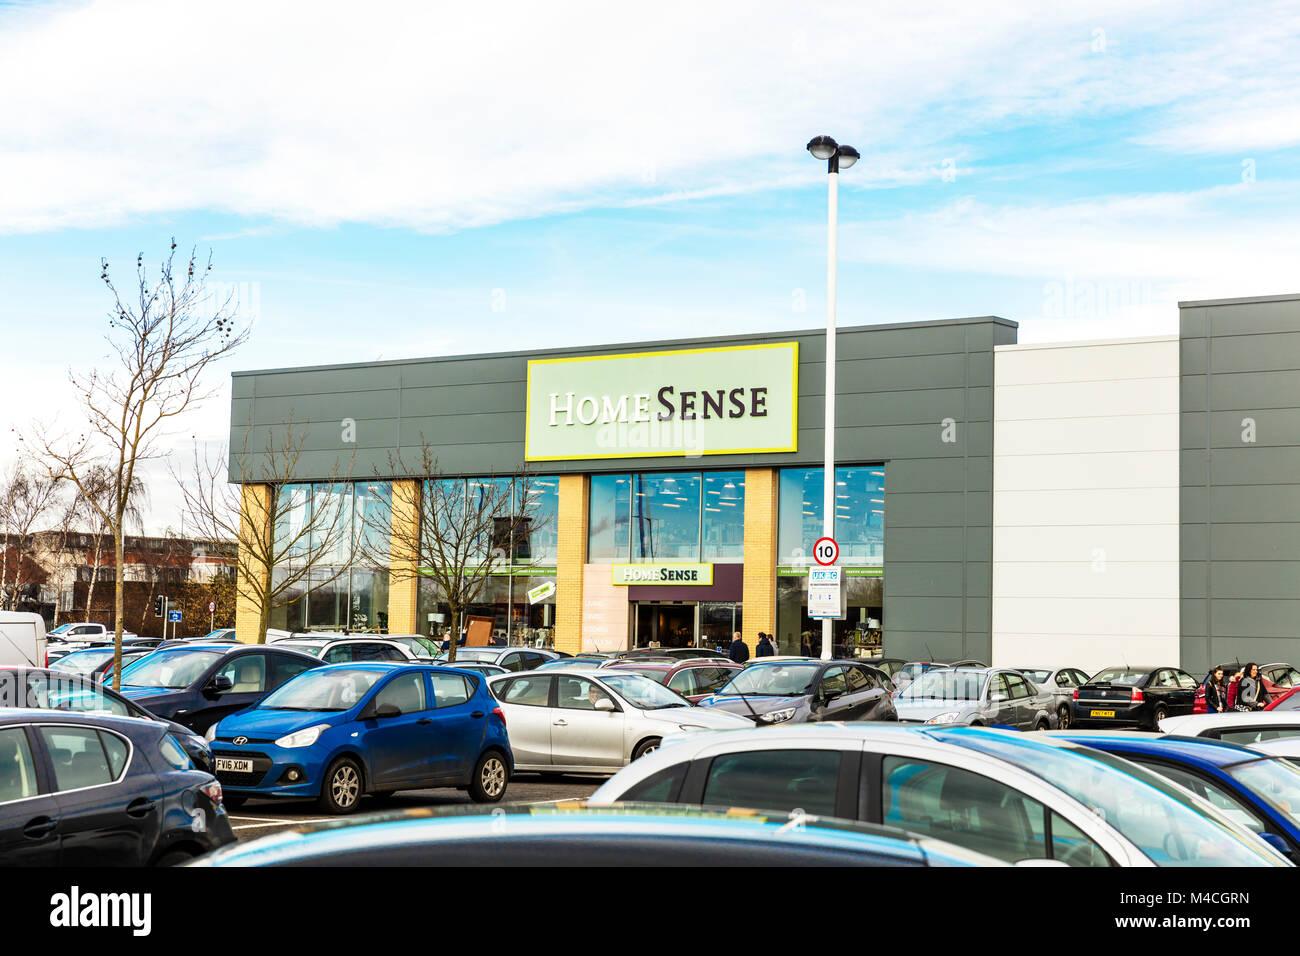 Home senso store Home senso shop, Home senso REGNO UNITO Inghilterra, senso Home shop segno, Home senso interni, Immagini Stock